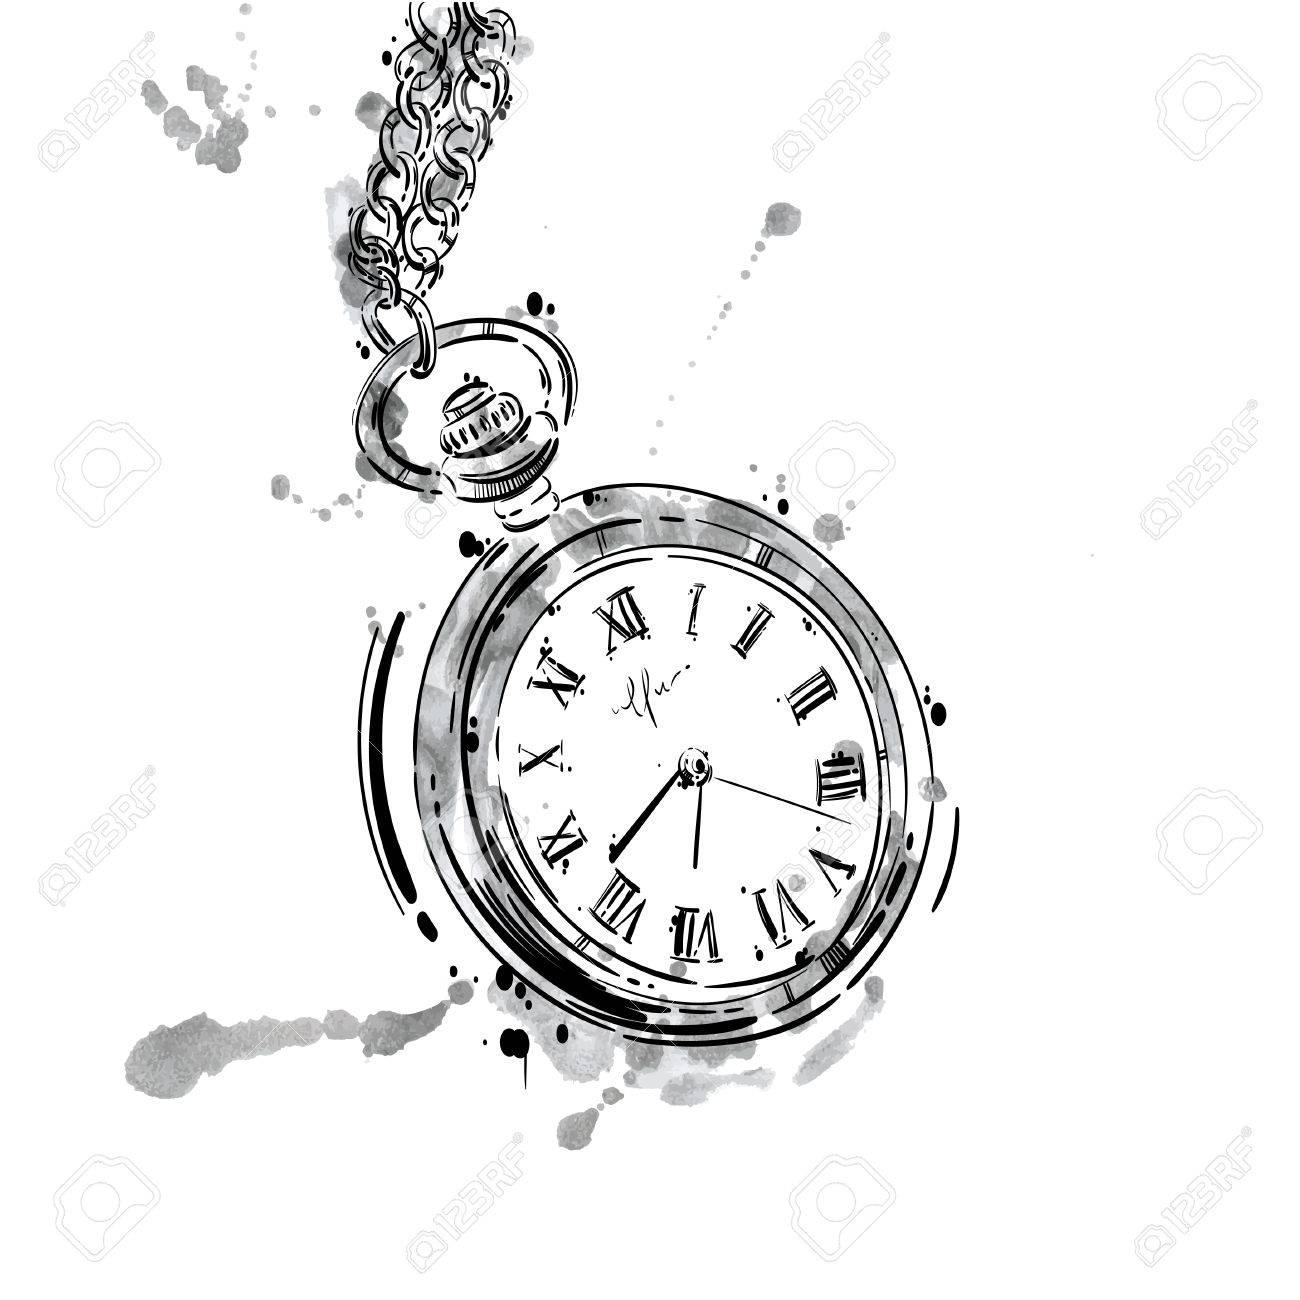 Archivio Fotografico , Illustrazione astratta di un orologio da tasca su  una catena. Stile di affari. Moda maschile. Attività commerciale.